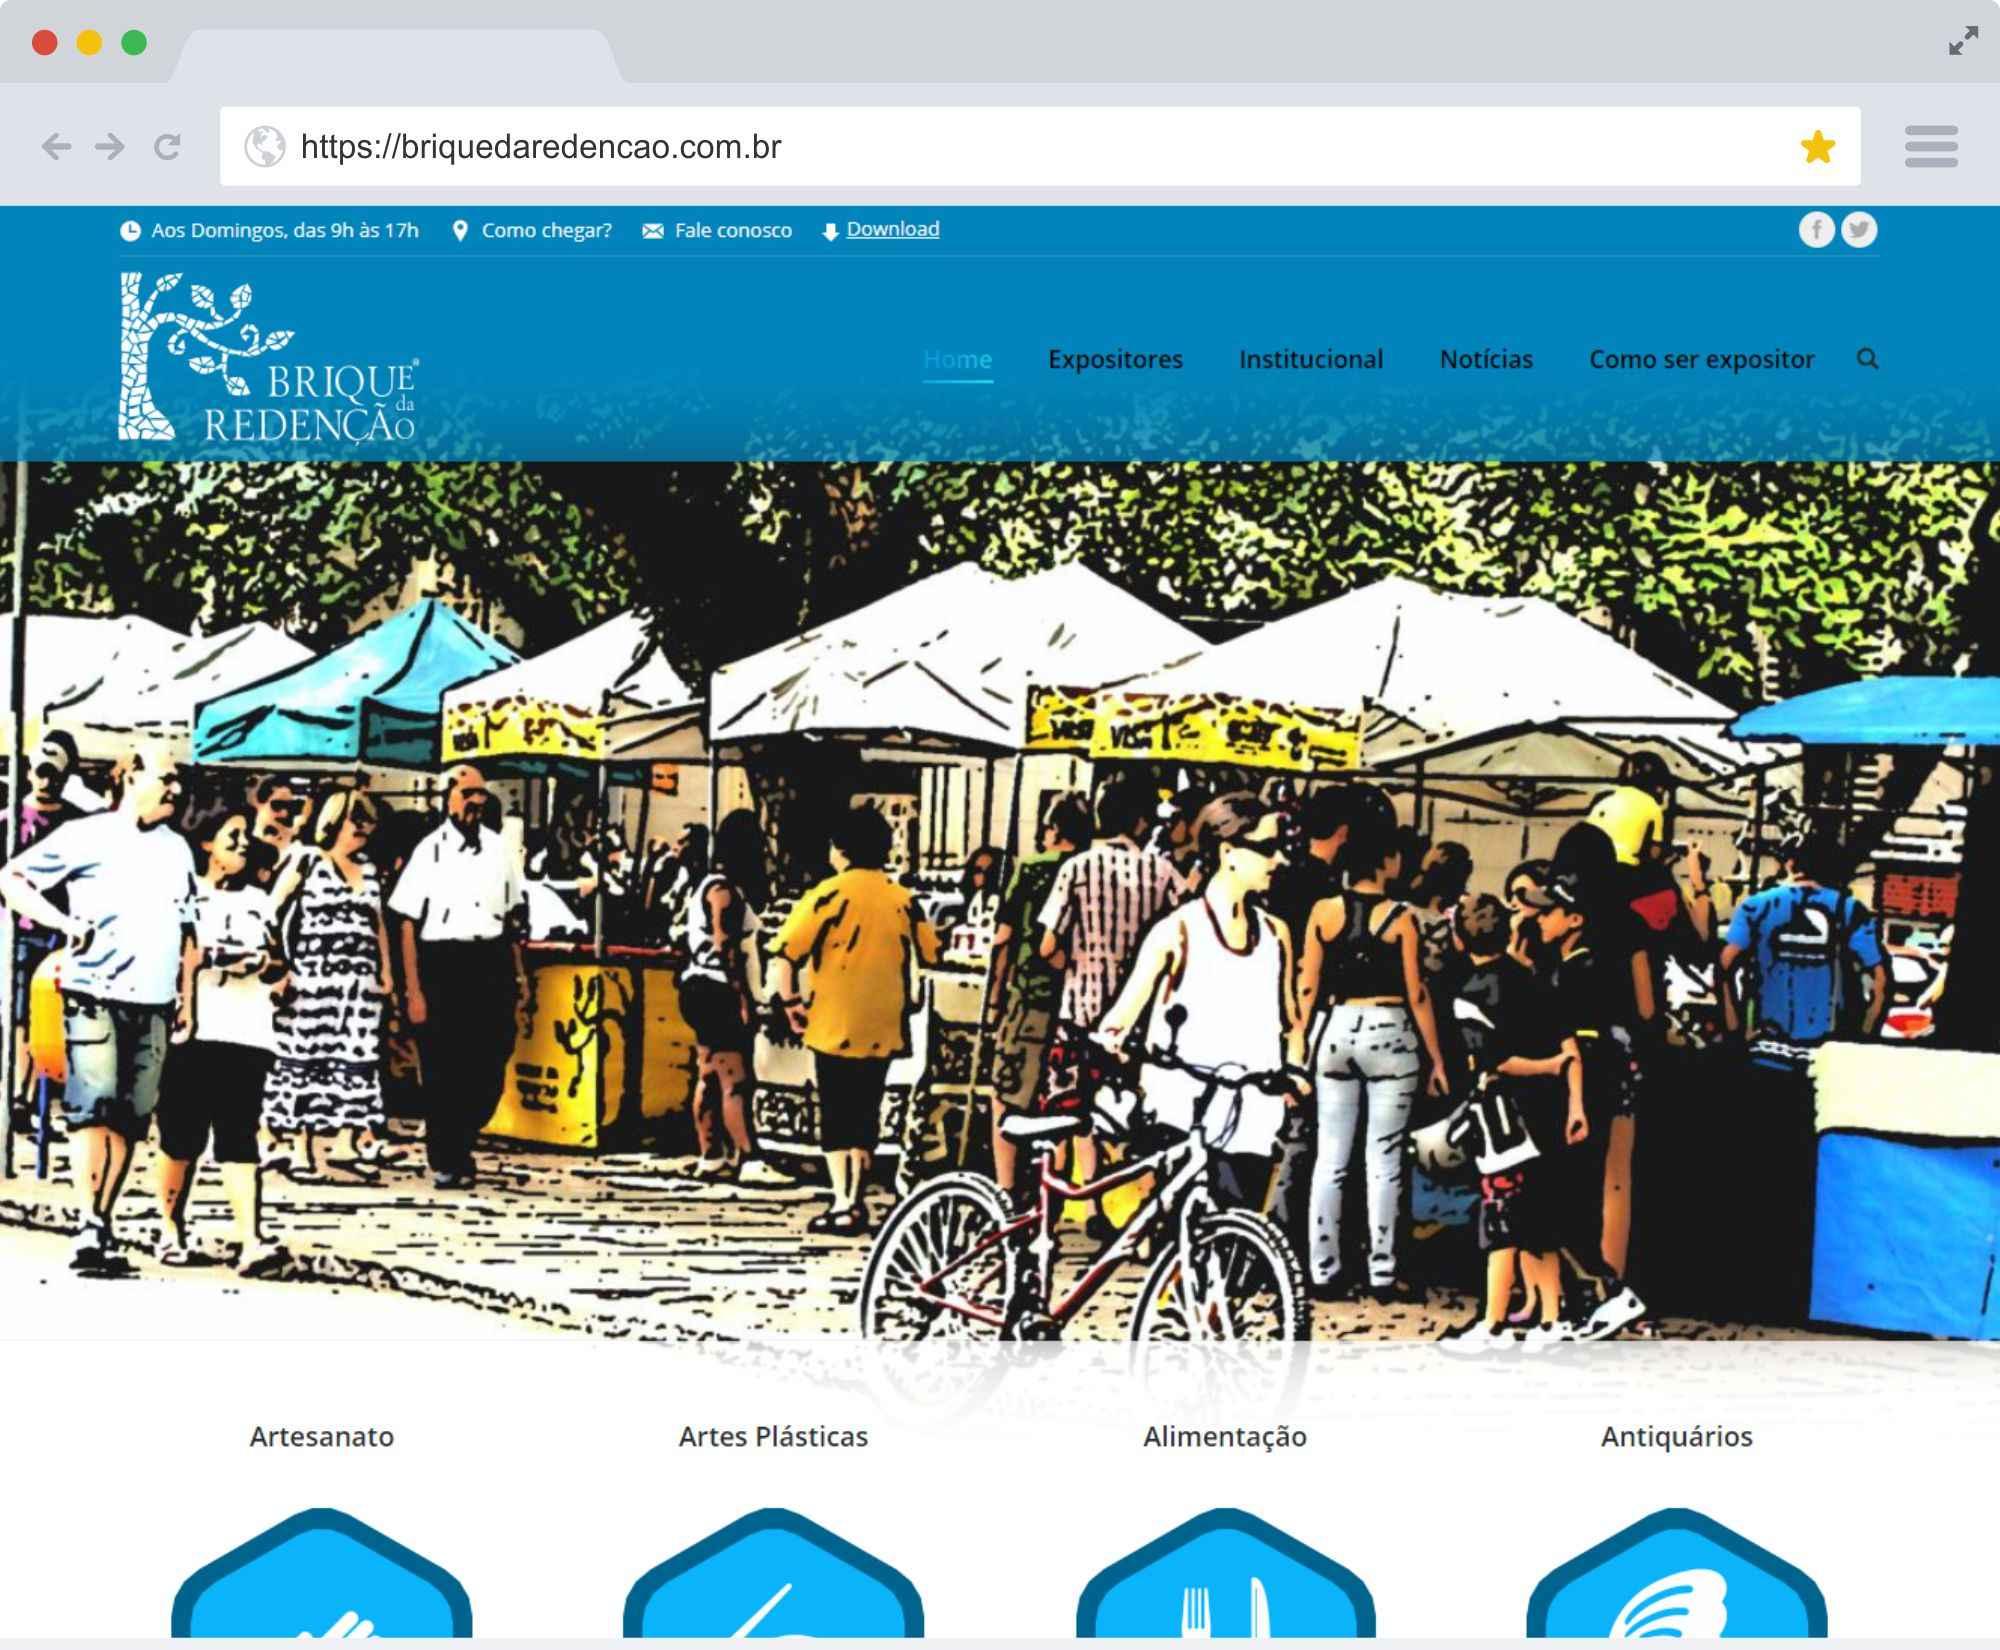 briquedaredencao.com.br